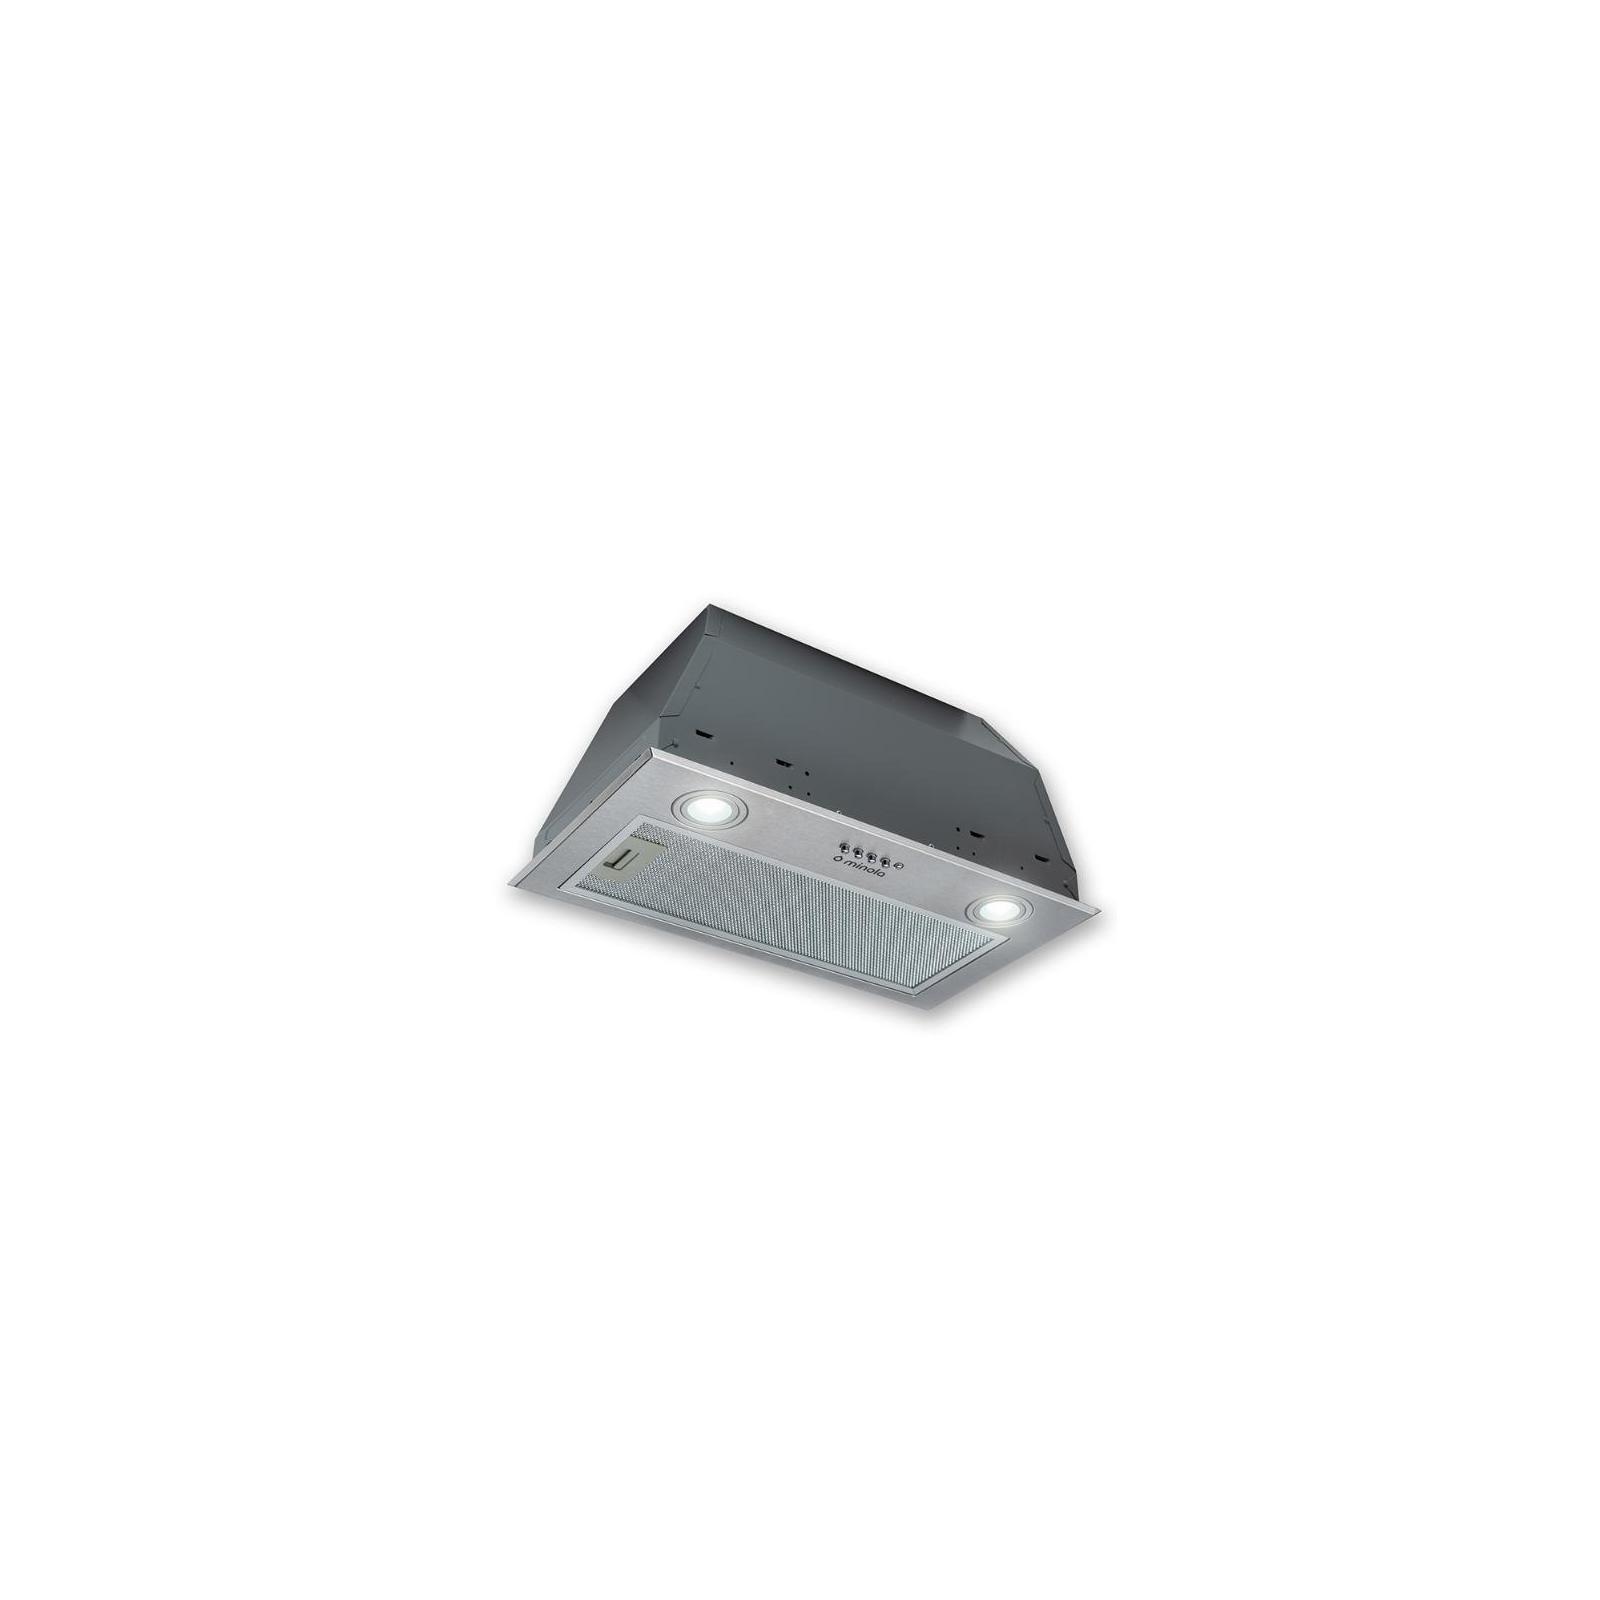 Вытяжка кухонная MINOLA HBI 5622 I 1000 LED изображение 4